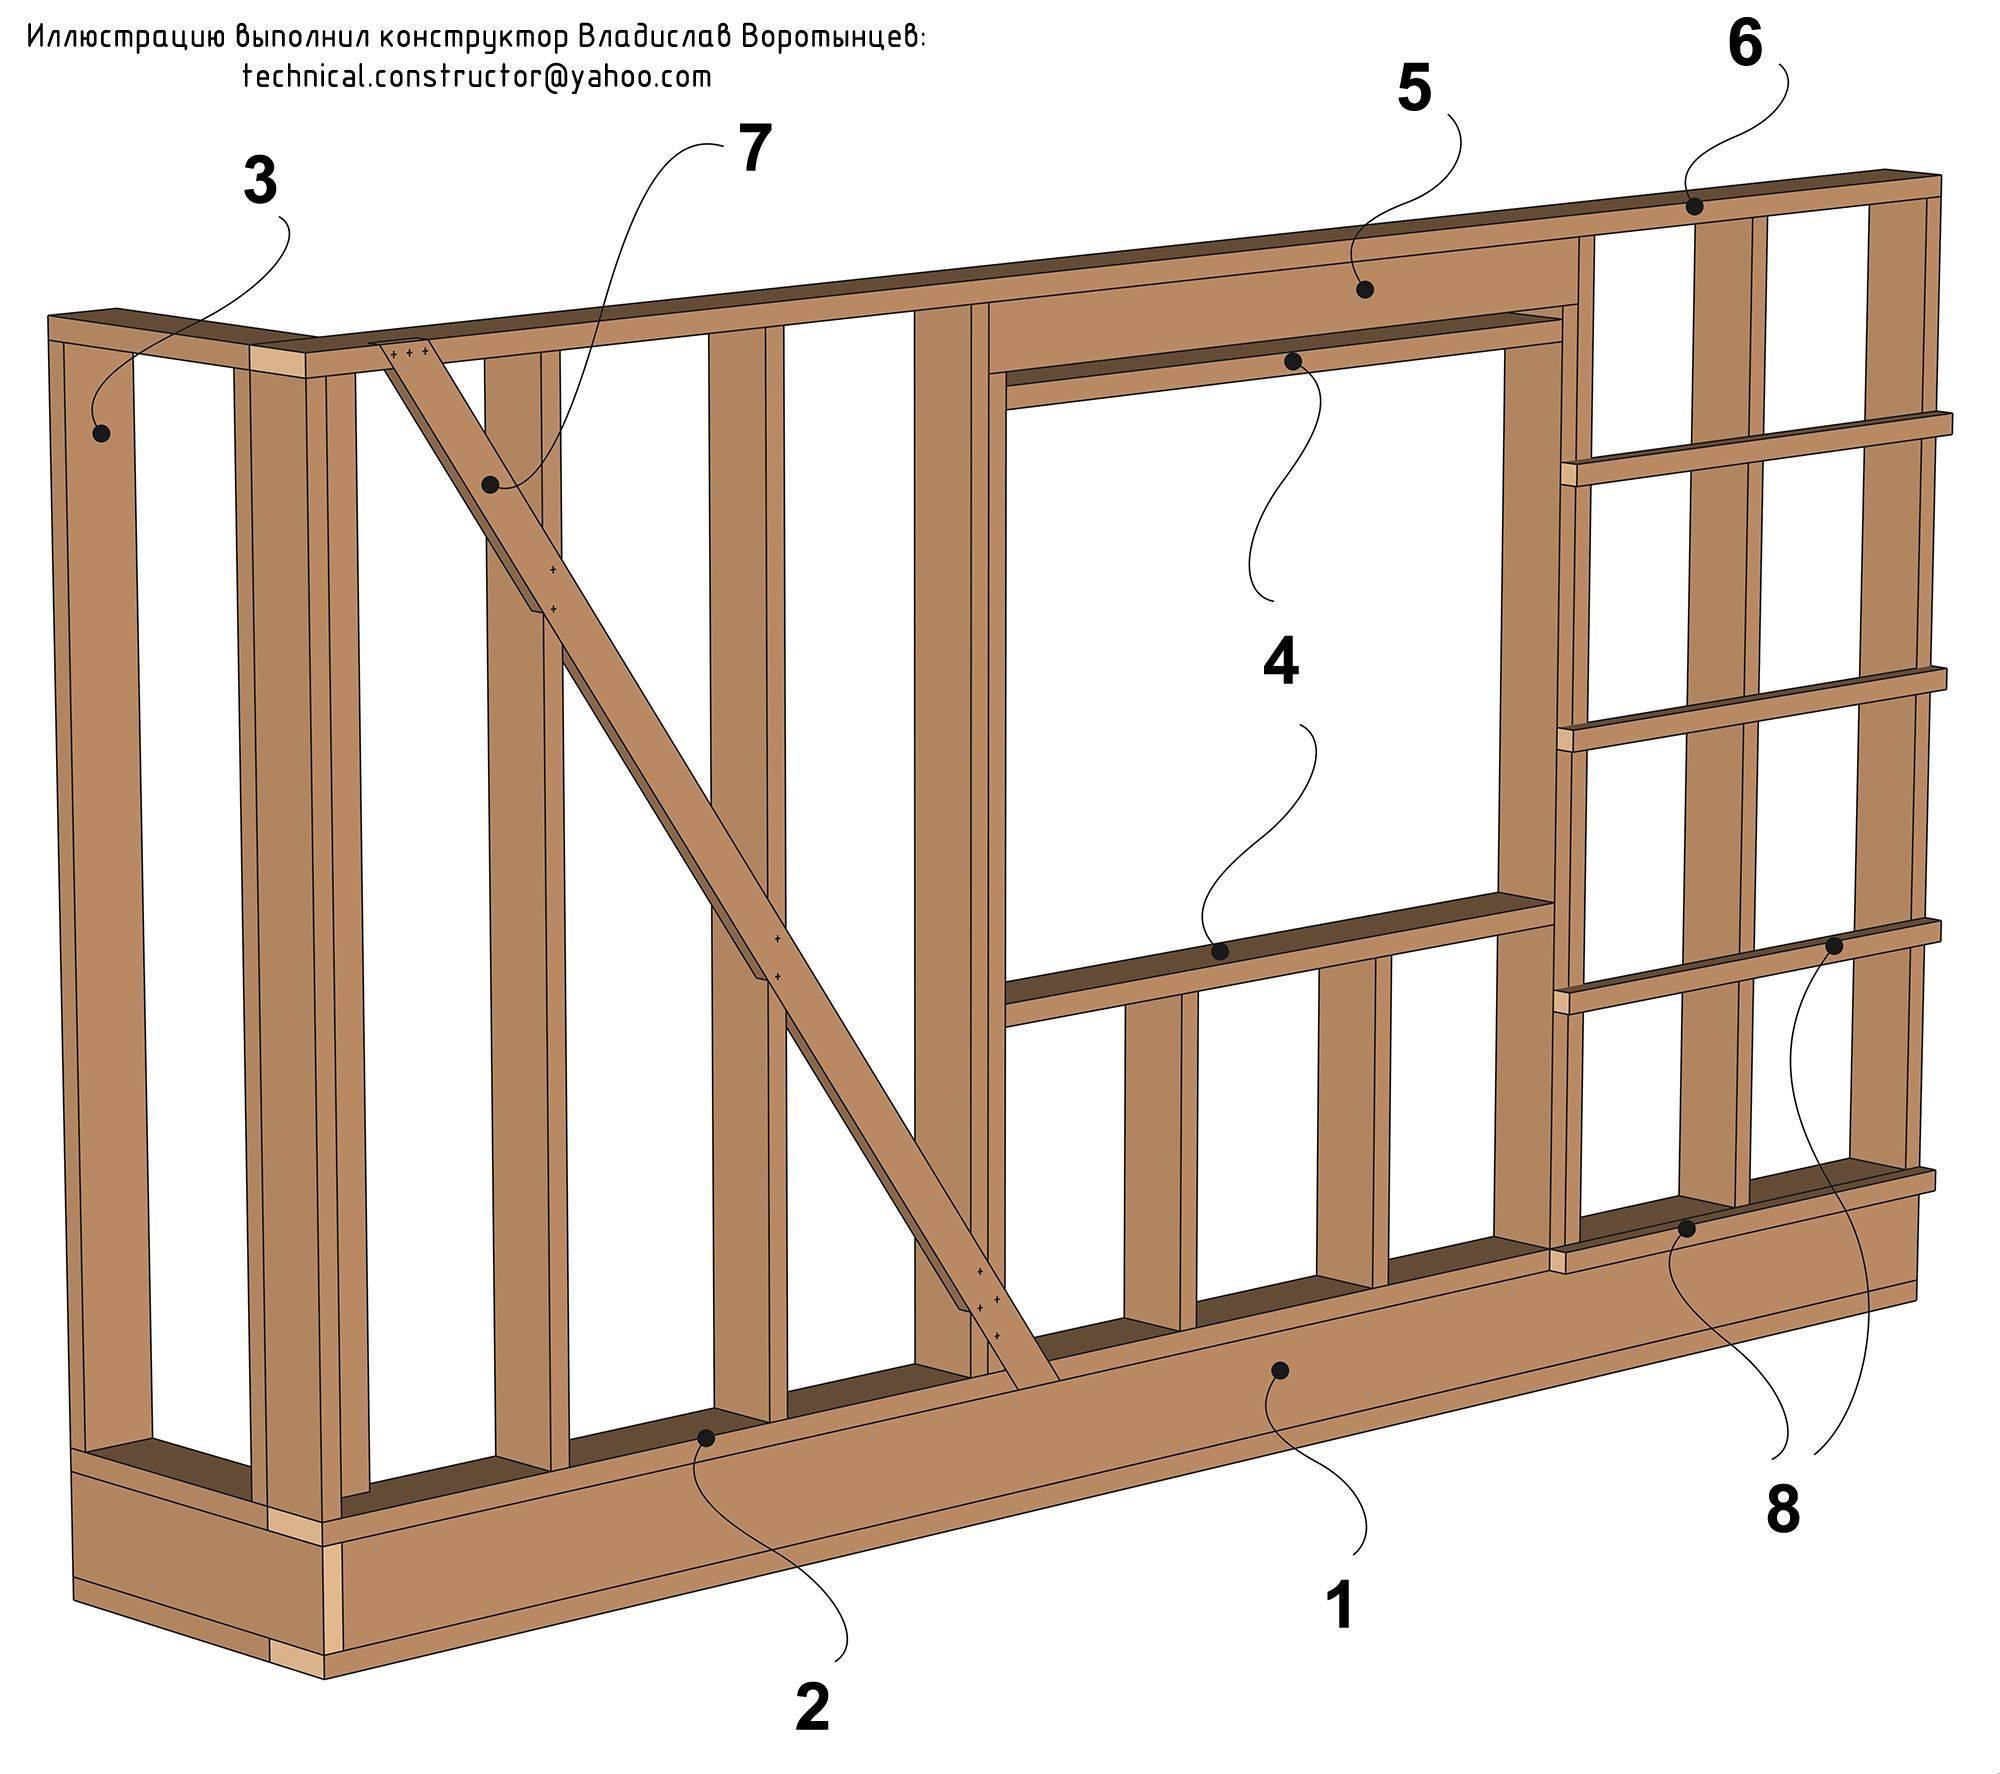 Технология строительства каркасного дома ⋆ domastroika.com